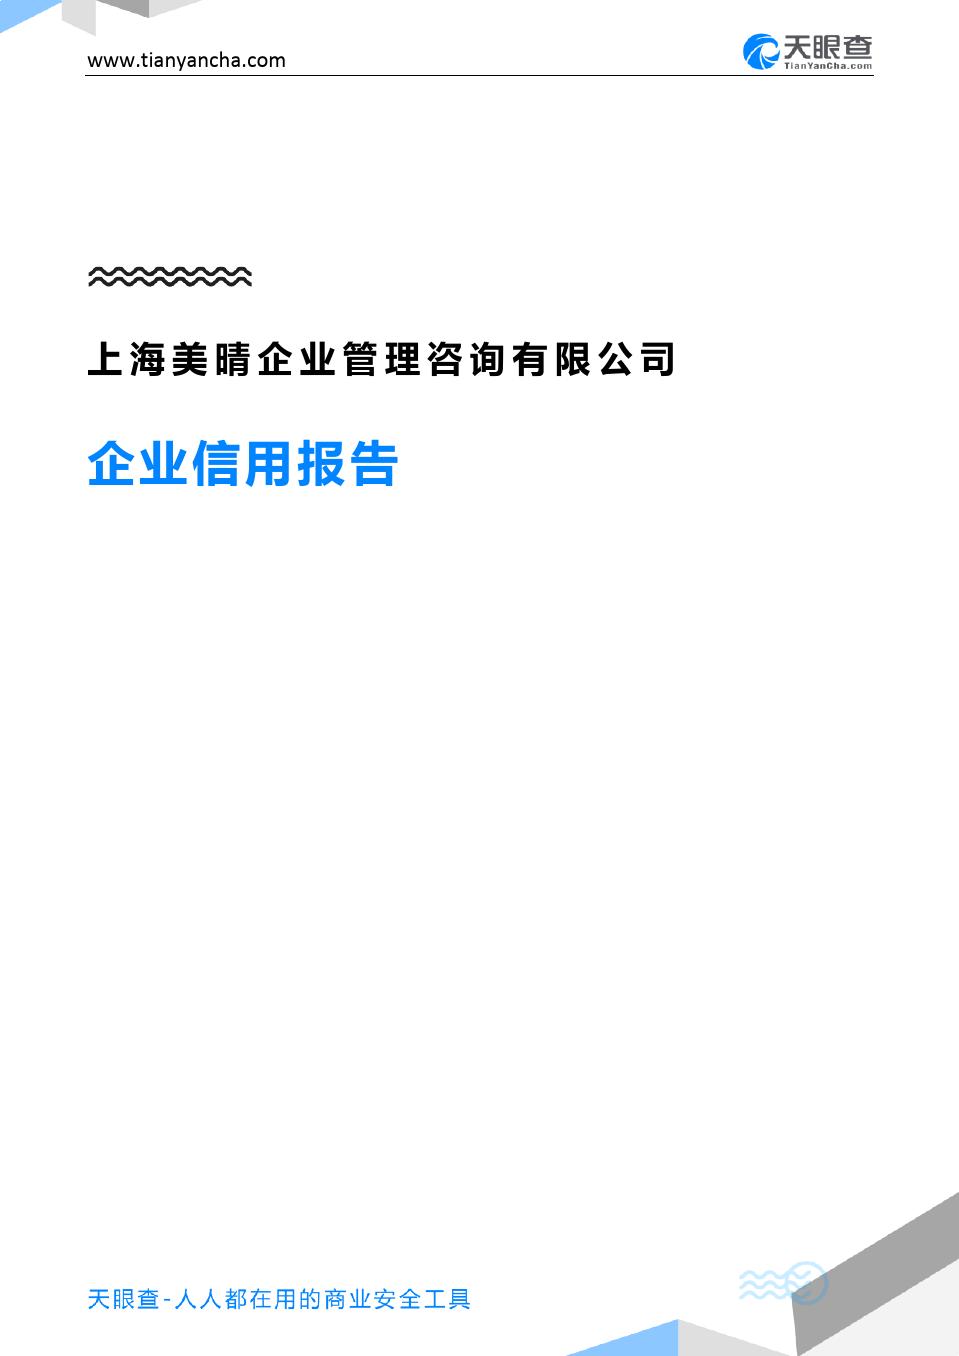 上海美晴企业管理咨询有限公司(企业信用报告)- 天眼查